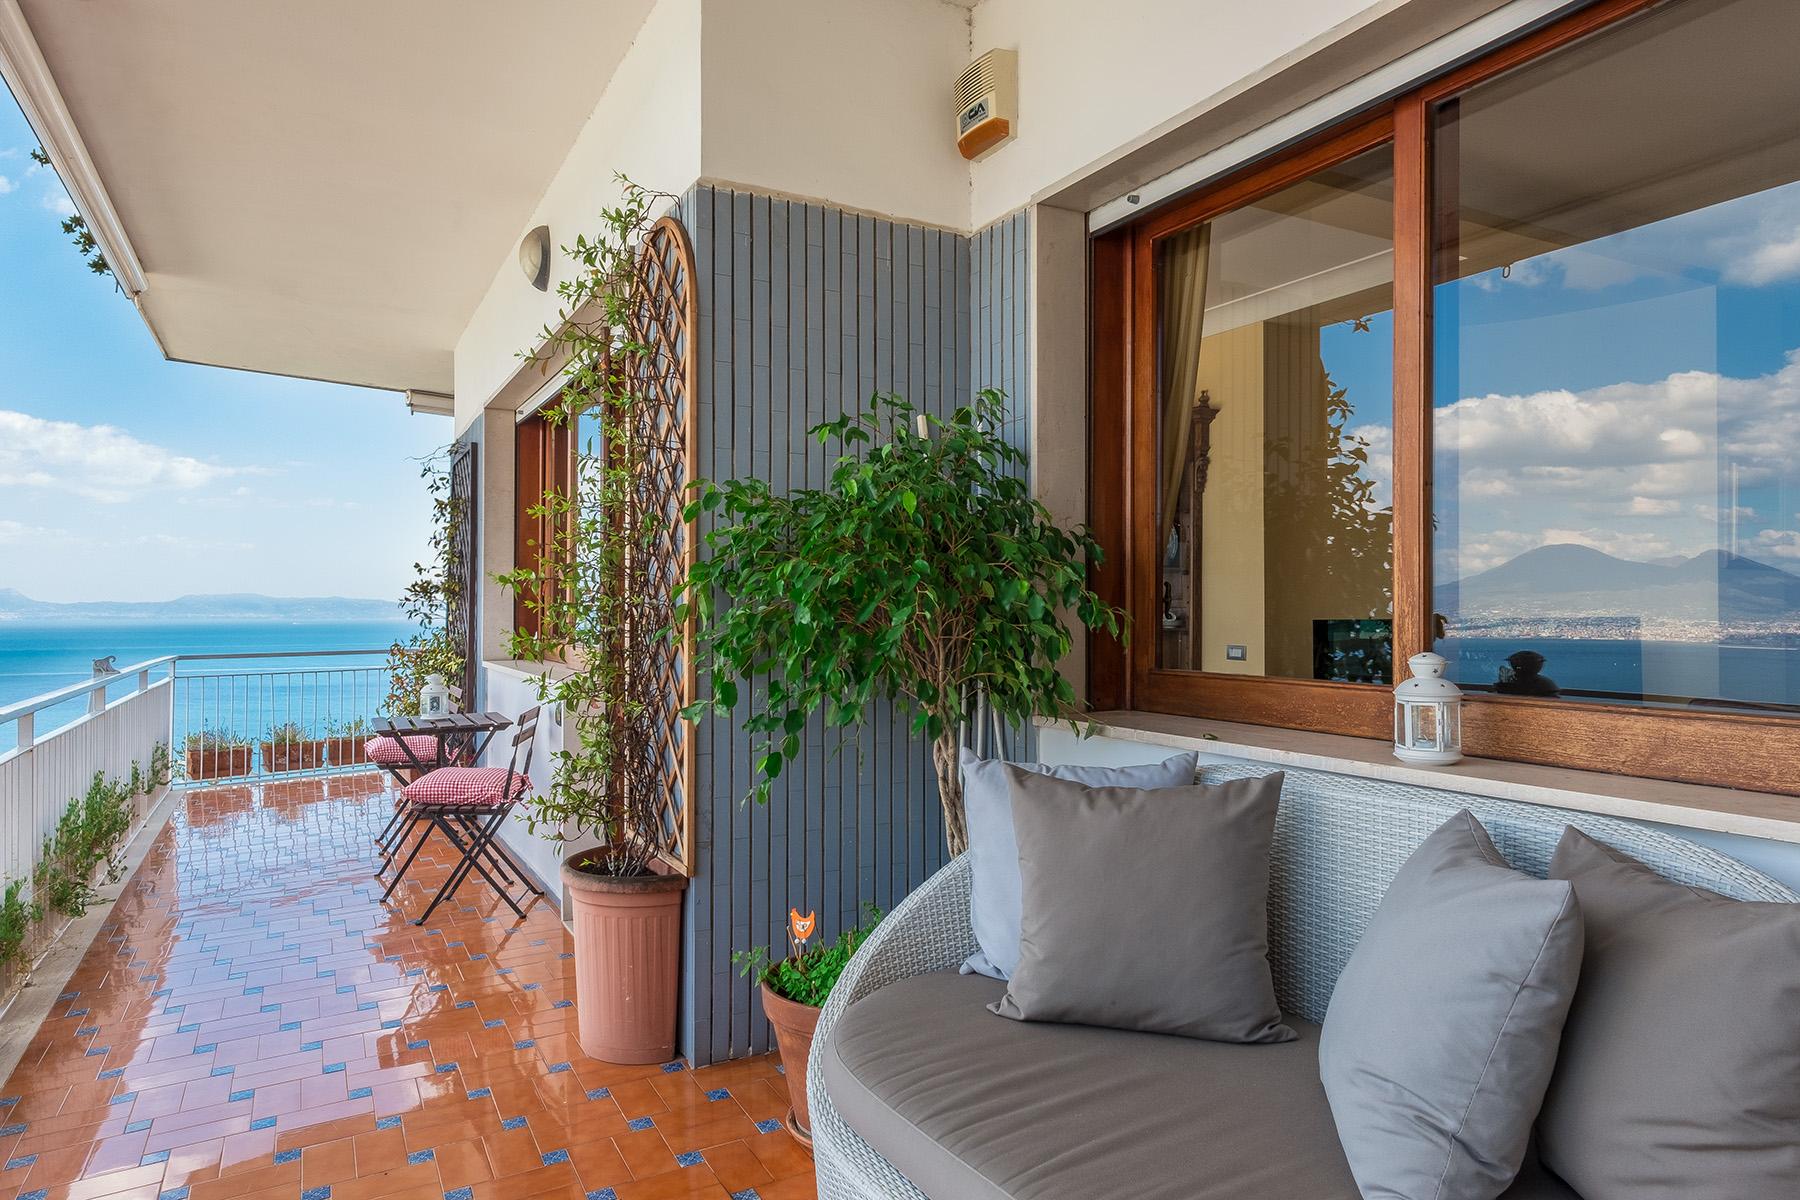 Appartamento in Vendita a Napoli: 5 locali, 150 mq - Foto 2